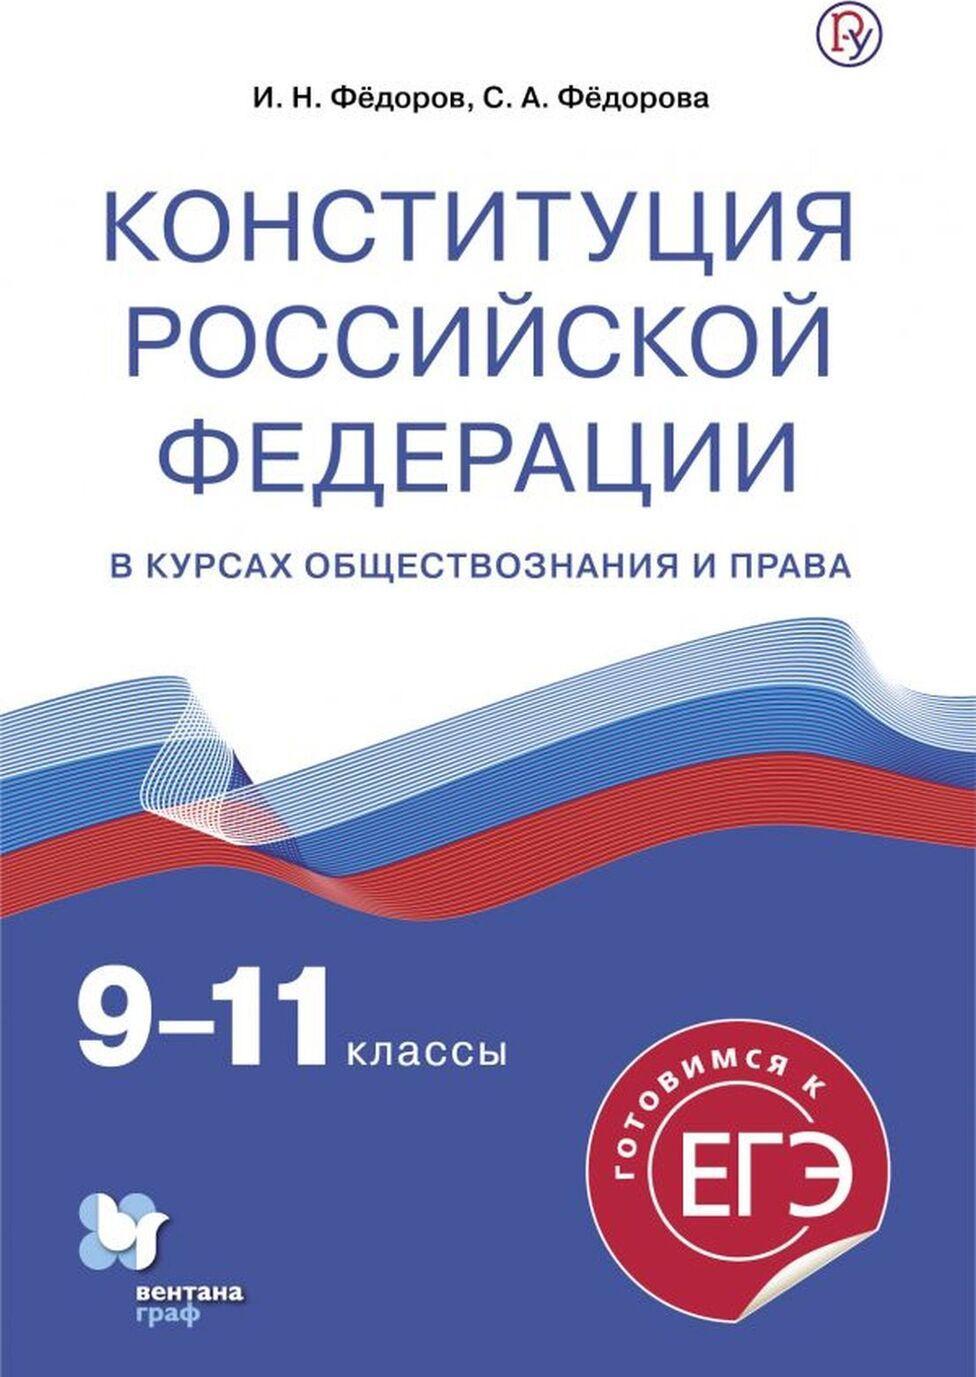 Konstitutsija Rossijskoj Federatsii. 9-11 klassy. Uchebnoe posobie | Fedorov Ivan Nikolaevich, Fedorova Sofja Anatolevna